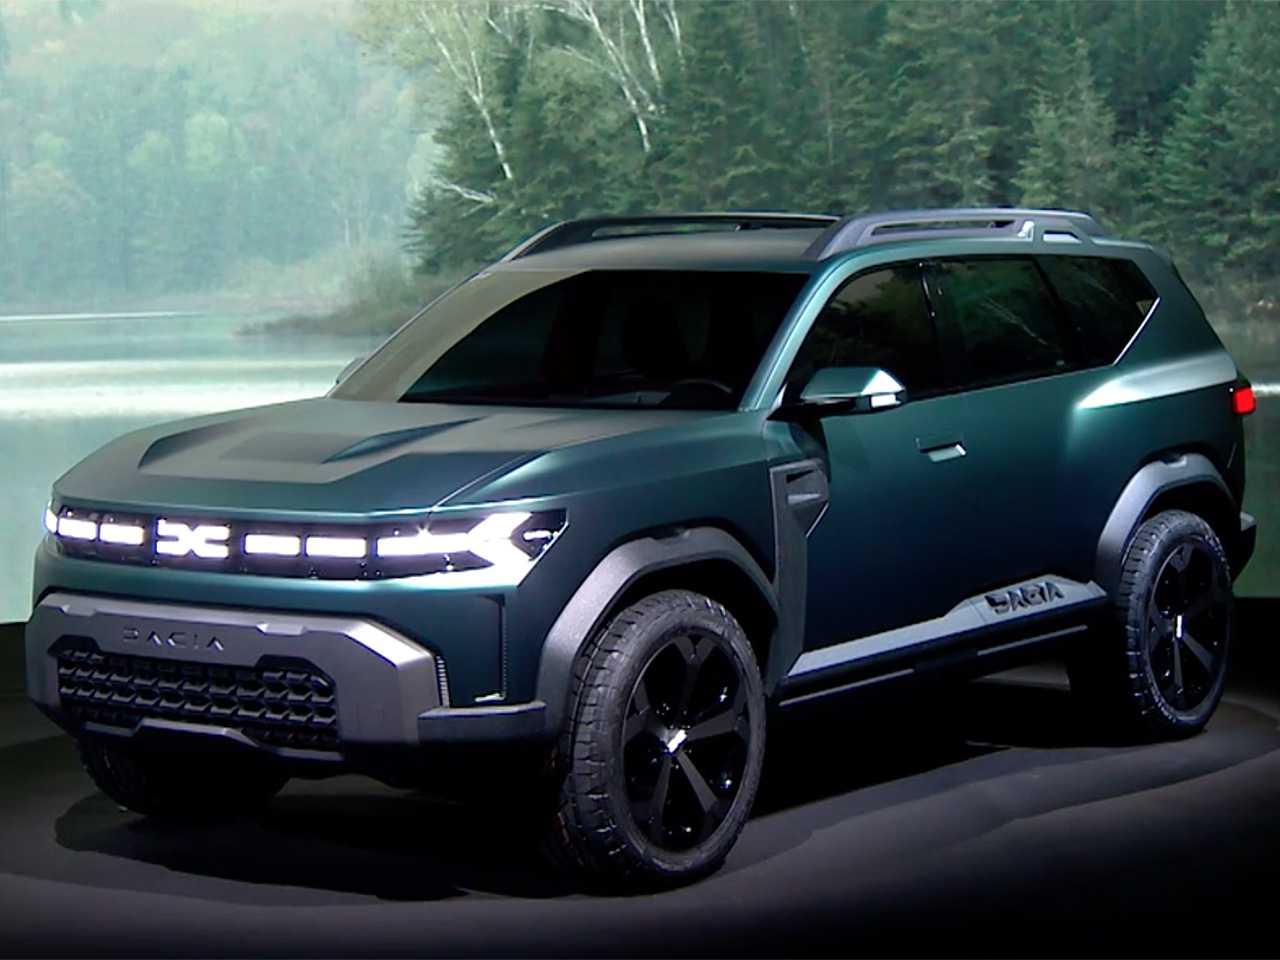 Produto final baseado no conceito Dacia Bigster será revelado em setembro